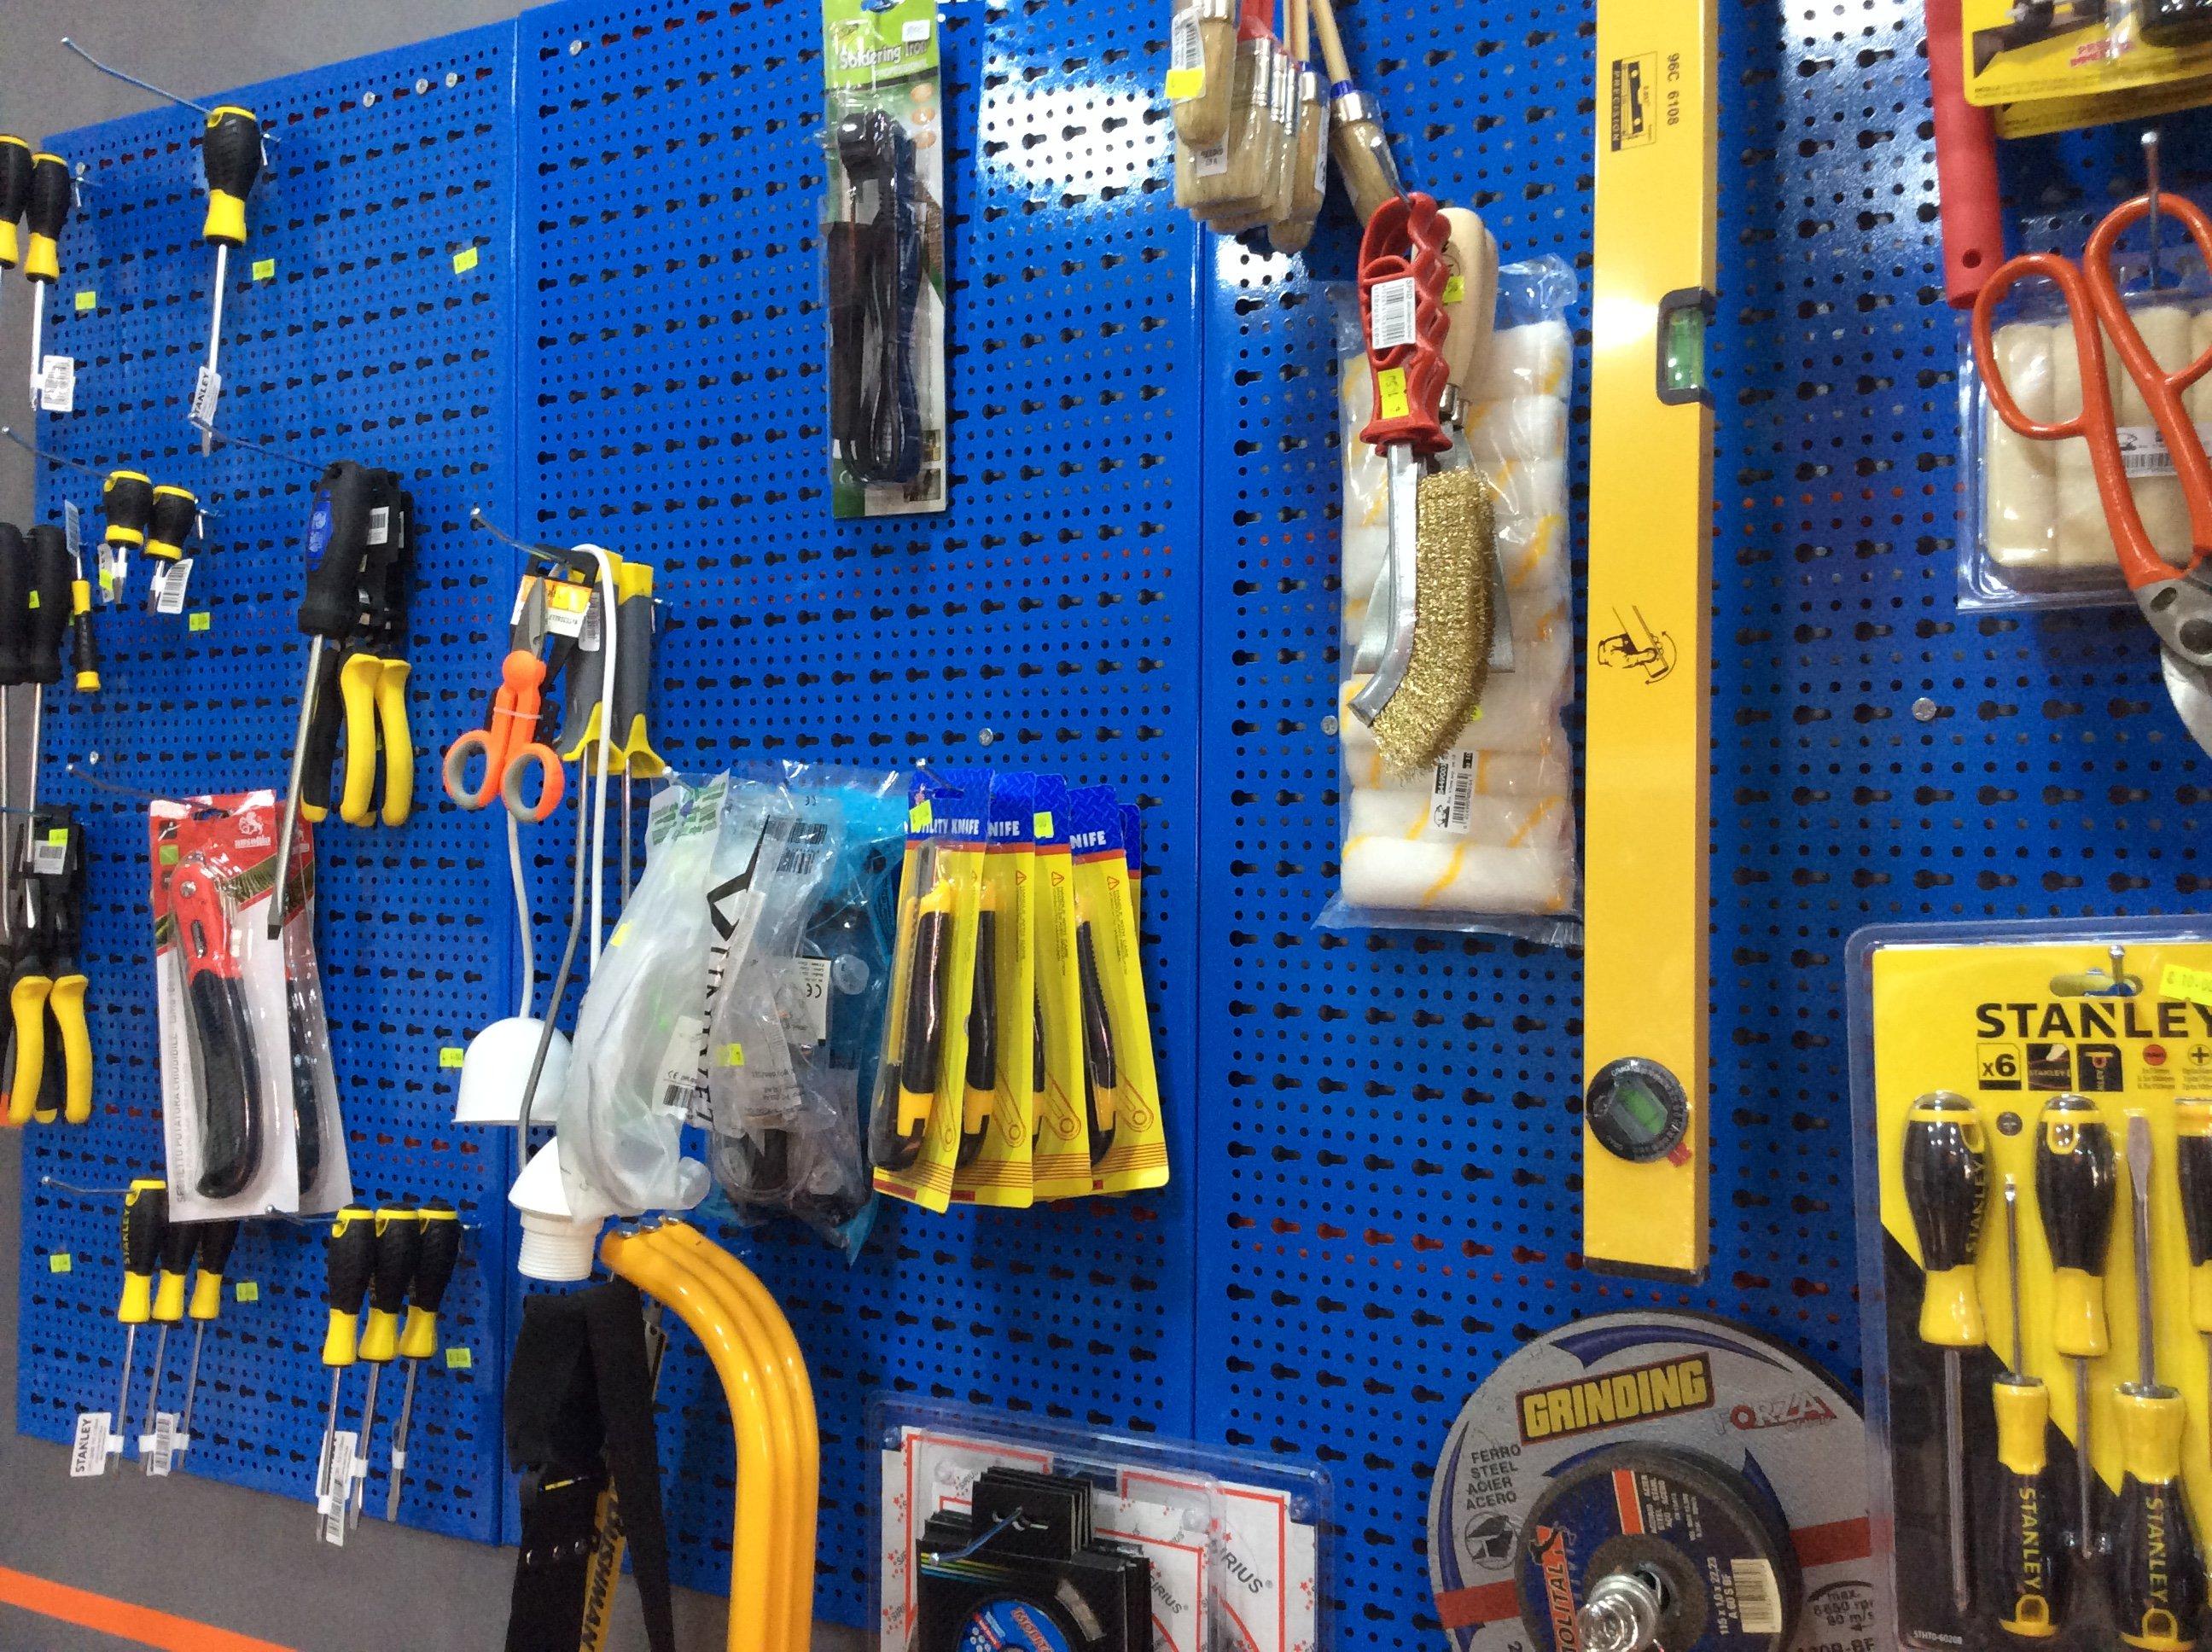 cacciaviti, forbici e altro materiale in esposizione su un pannello